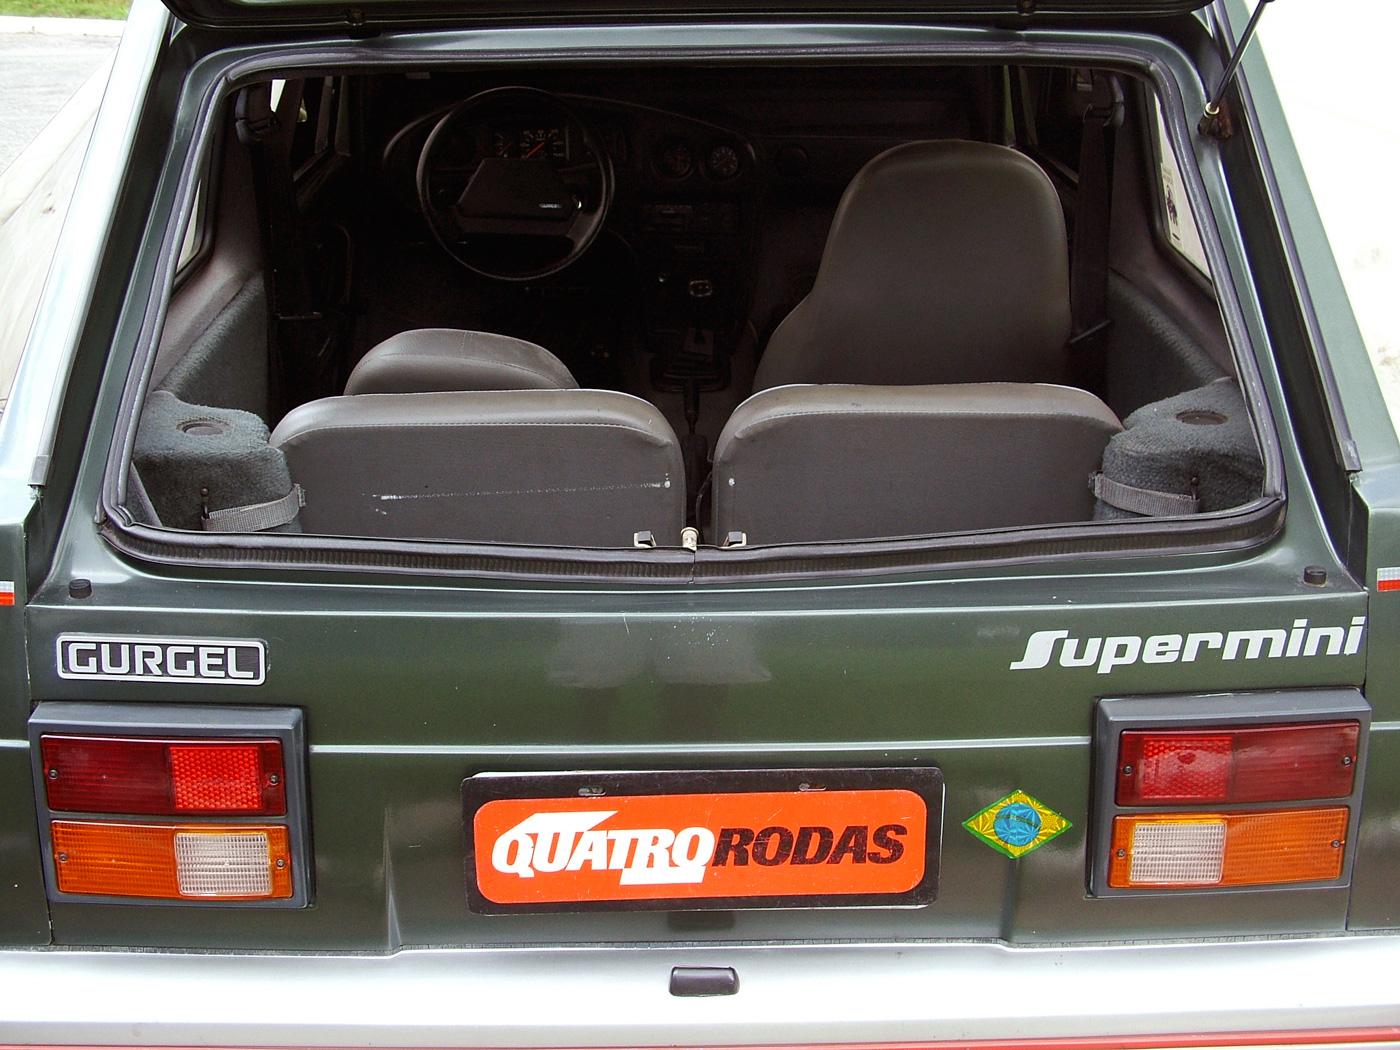 Apesar de maior que o BR 800, espaço no banco traseiro e no porta-malas era restrito